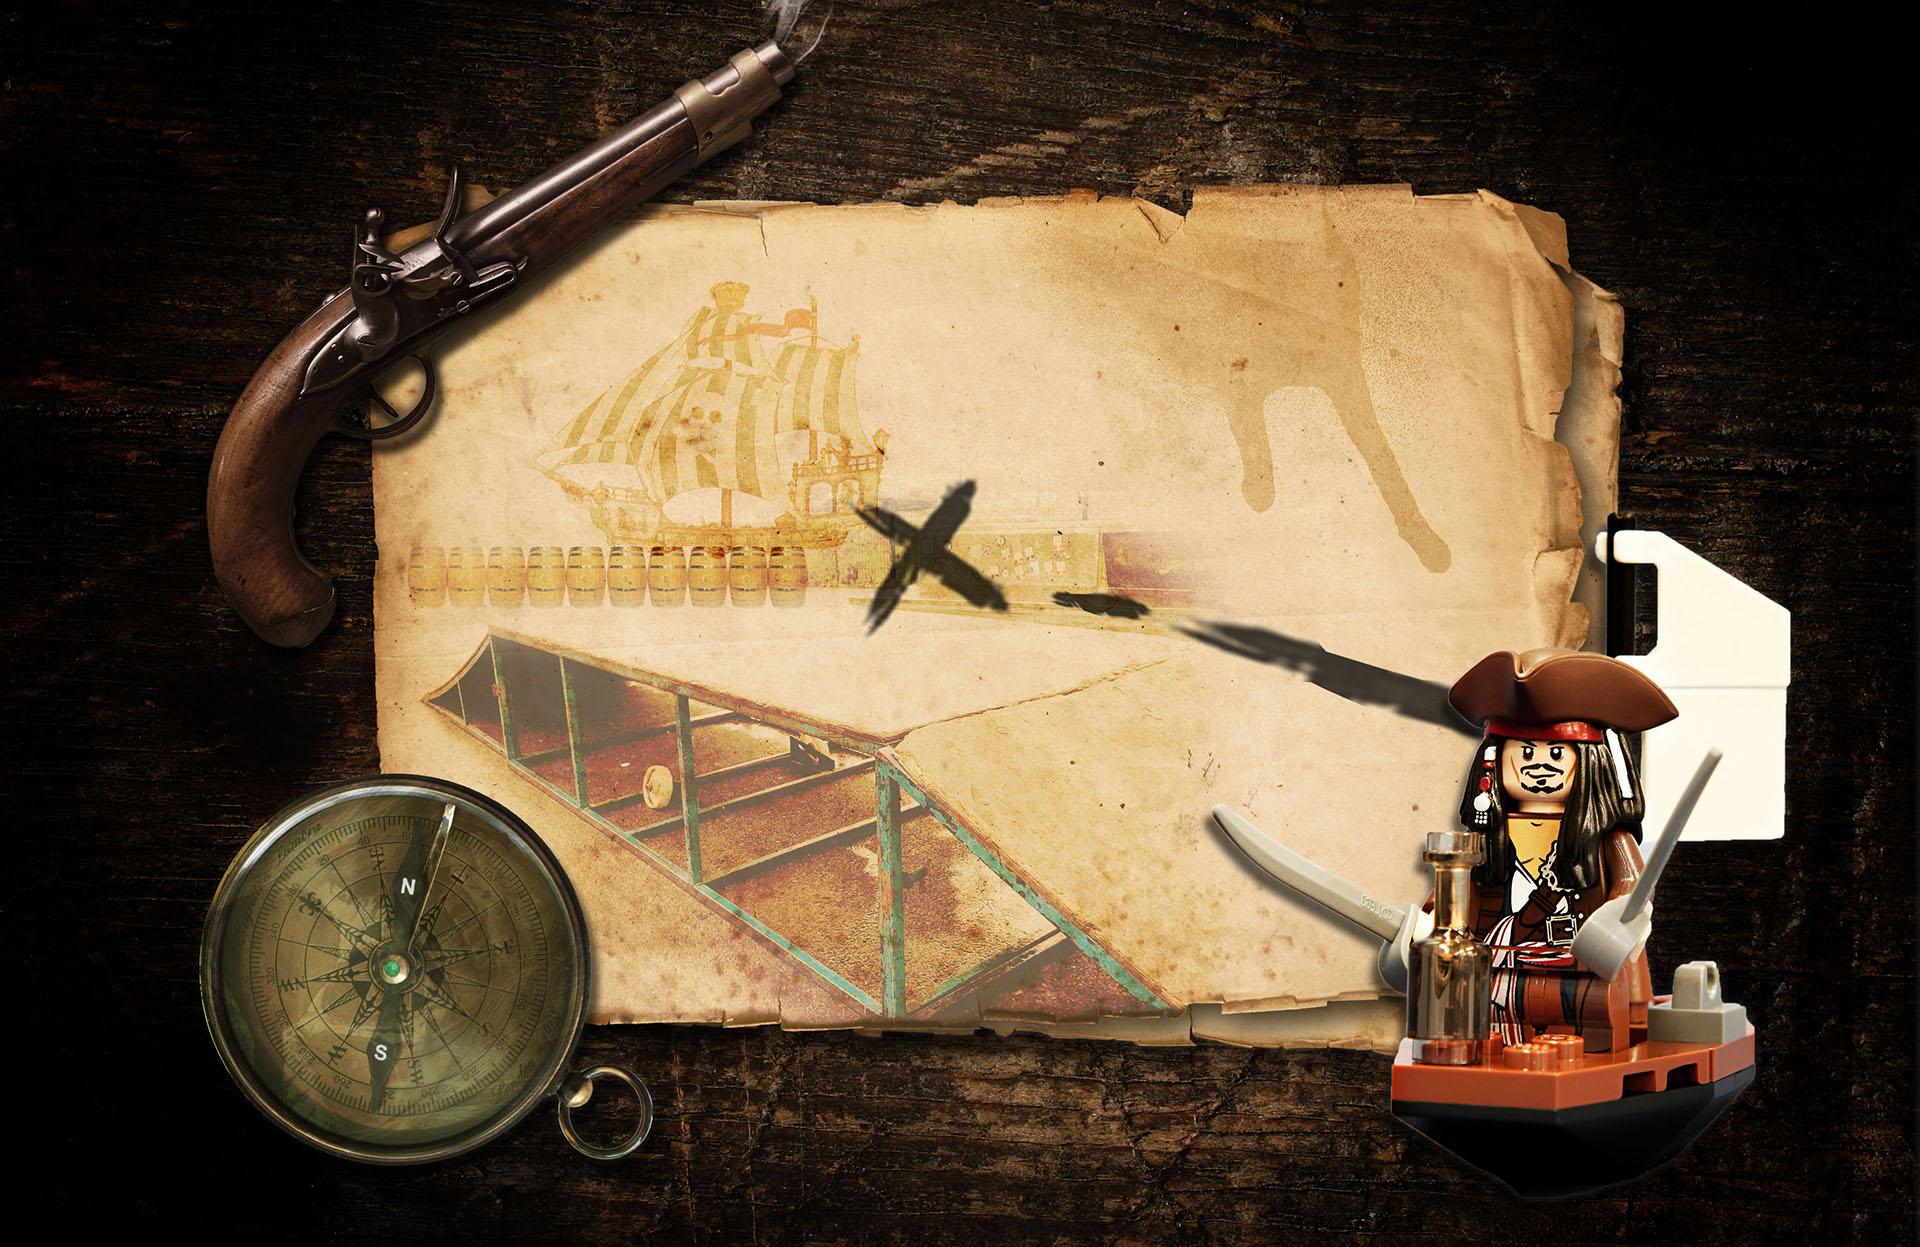 Heinhaus_Schnitzeljagd_Treasure_Nov19_k_v2